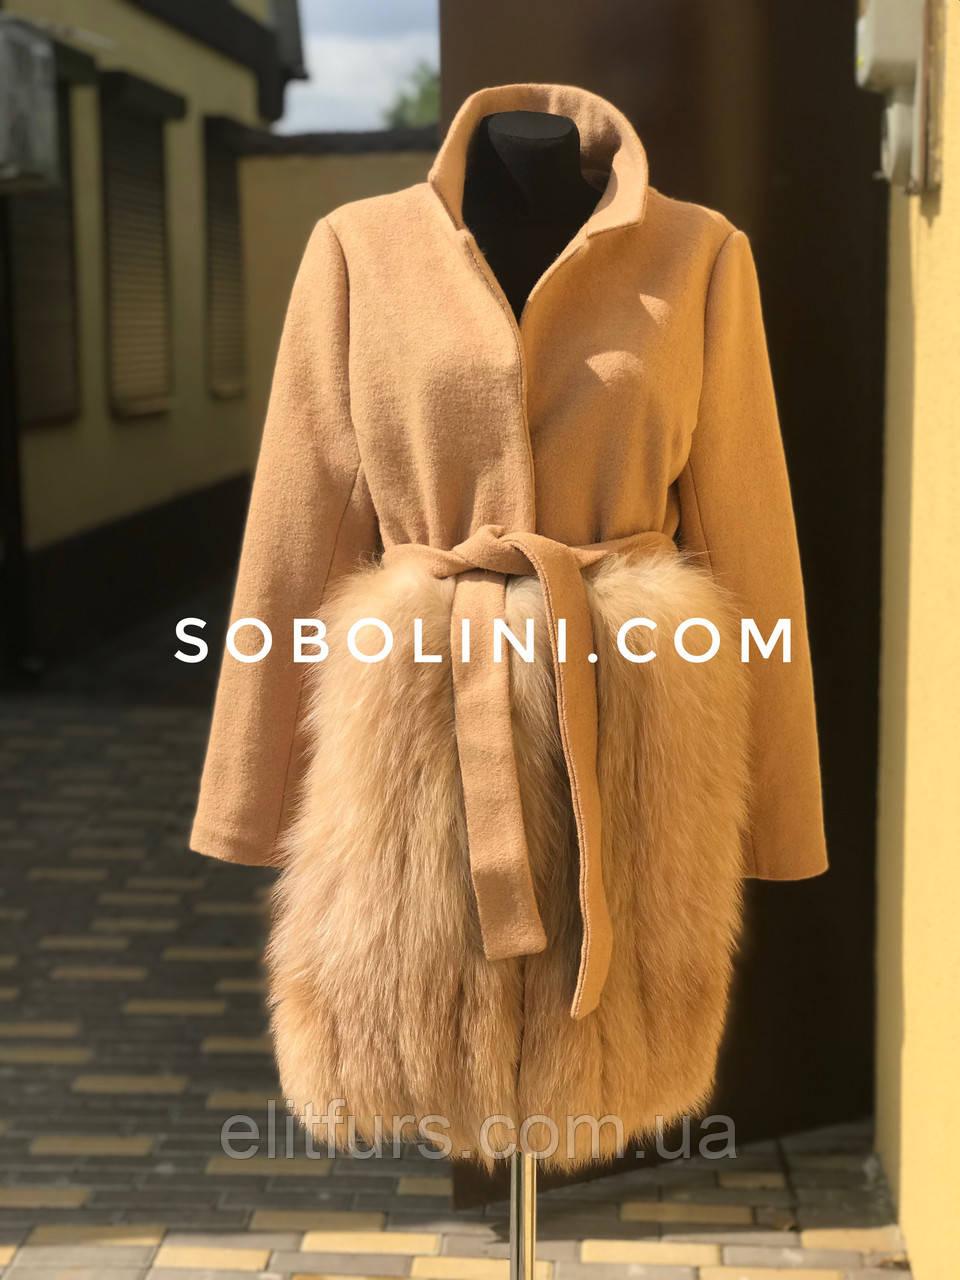 Пальто с мехом блюфроста, размер 44/46